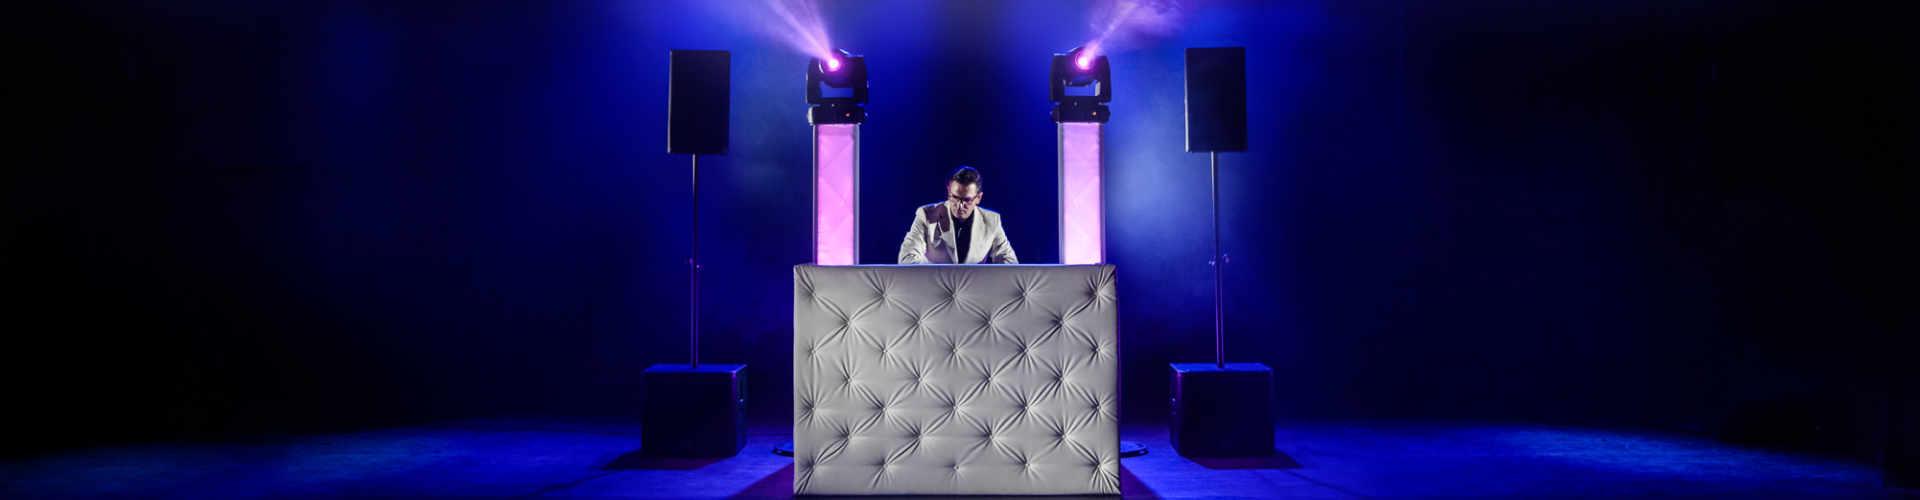 Exclusieve DJ-Show huren voor feest, bruiloft, bedrijfsevenement en verjaardag